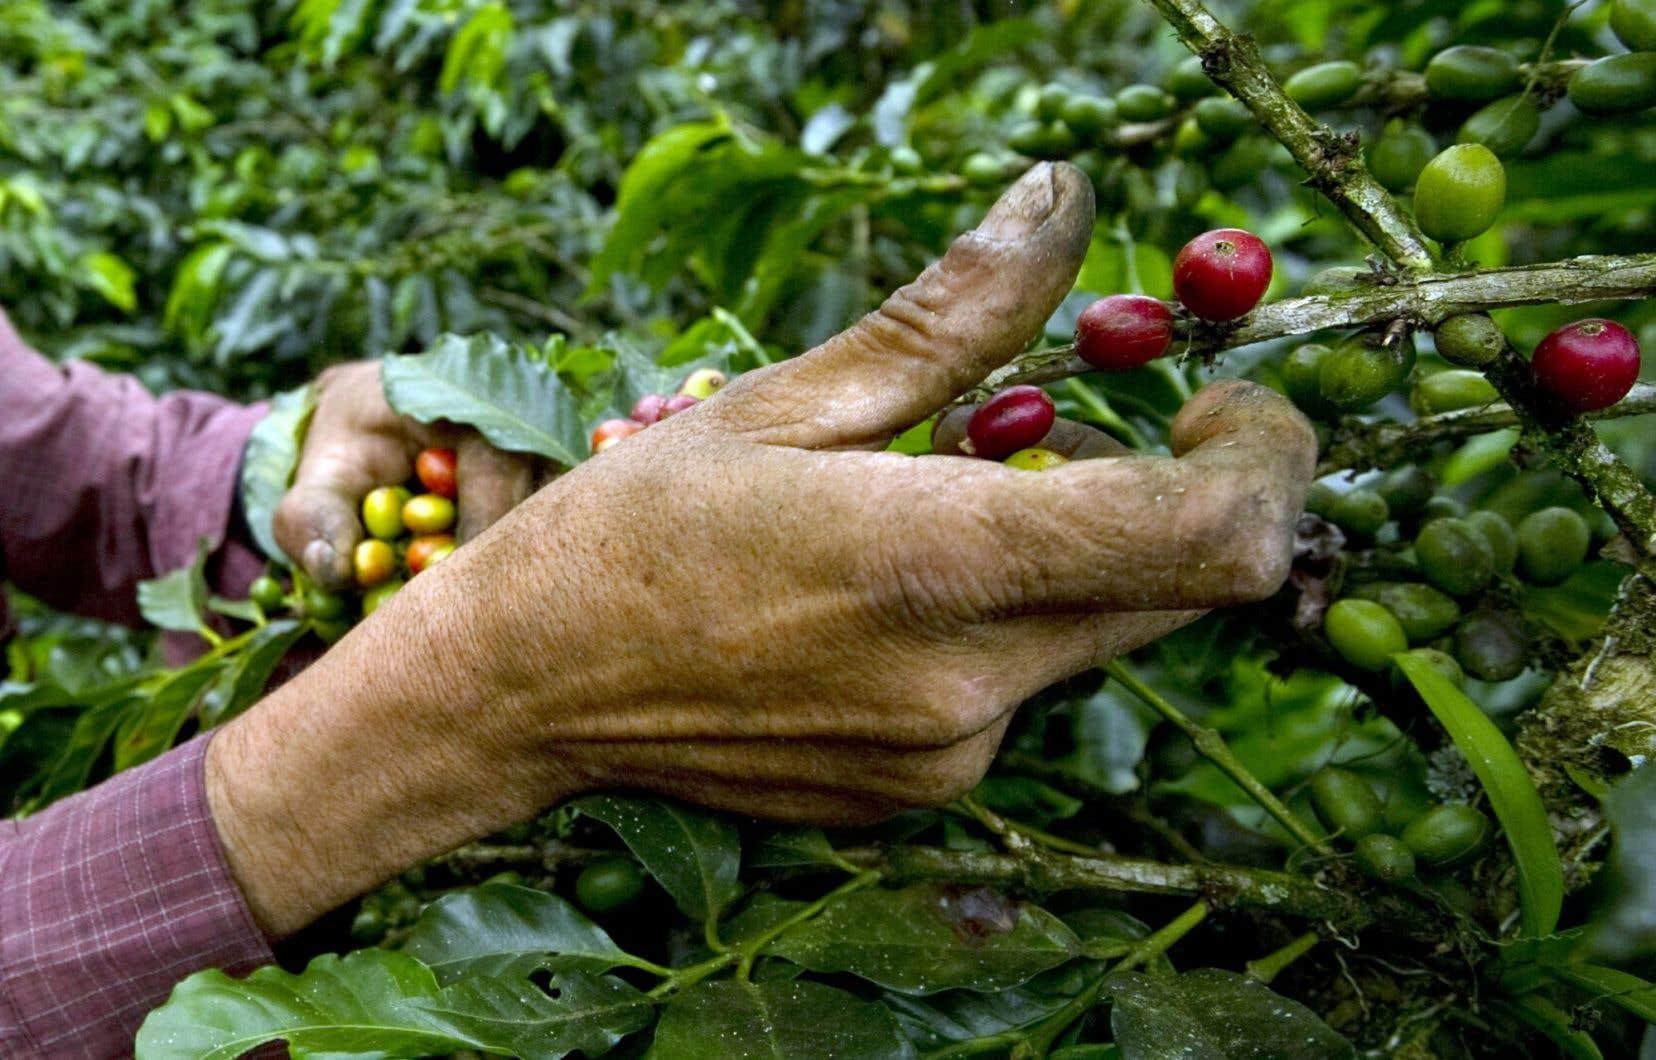 Selon Gérald Larose, on est en train de révolutionner un peu les rapports Nord-Sud avec des échanges internationaux dans le domaine du café et des fleurs, entre autres.